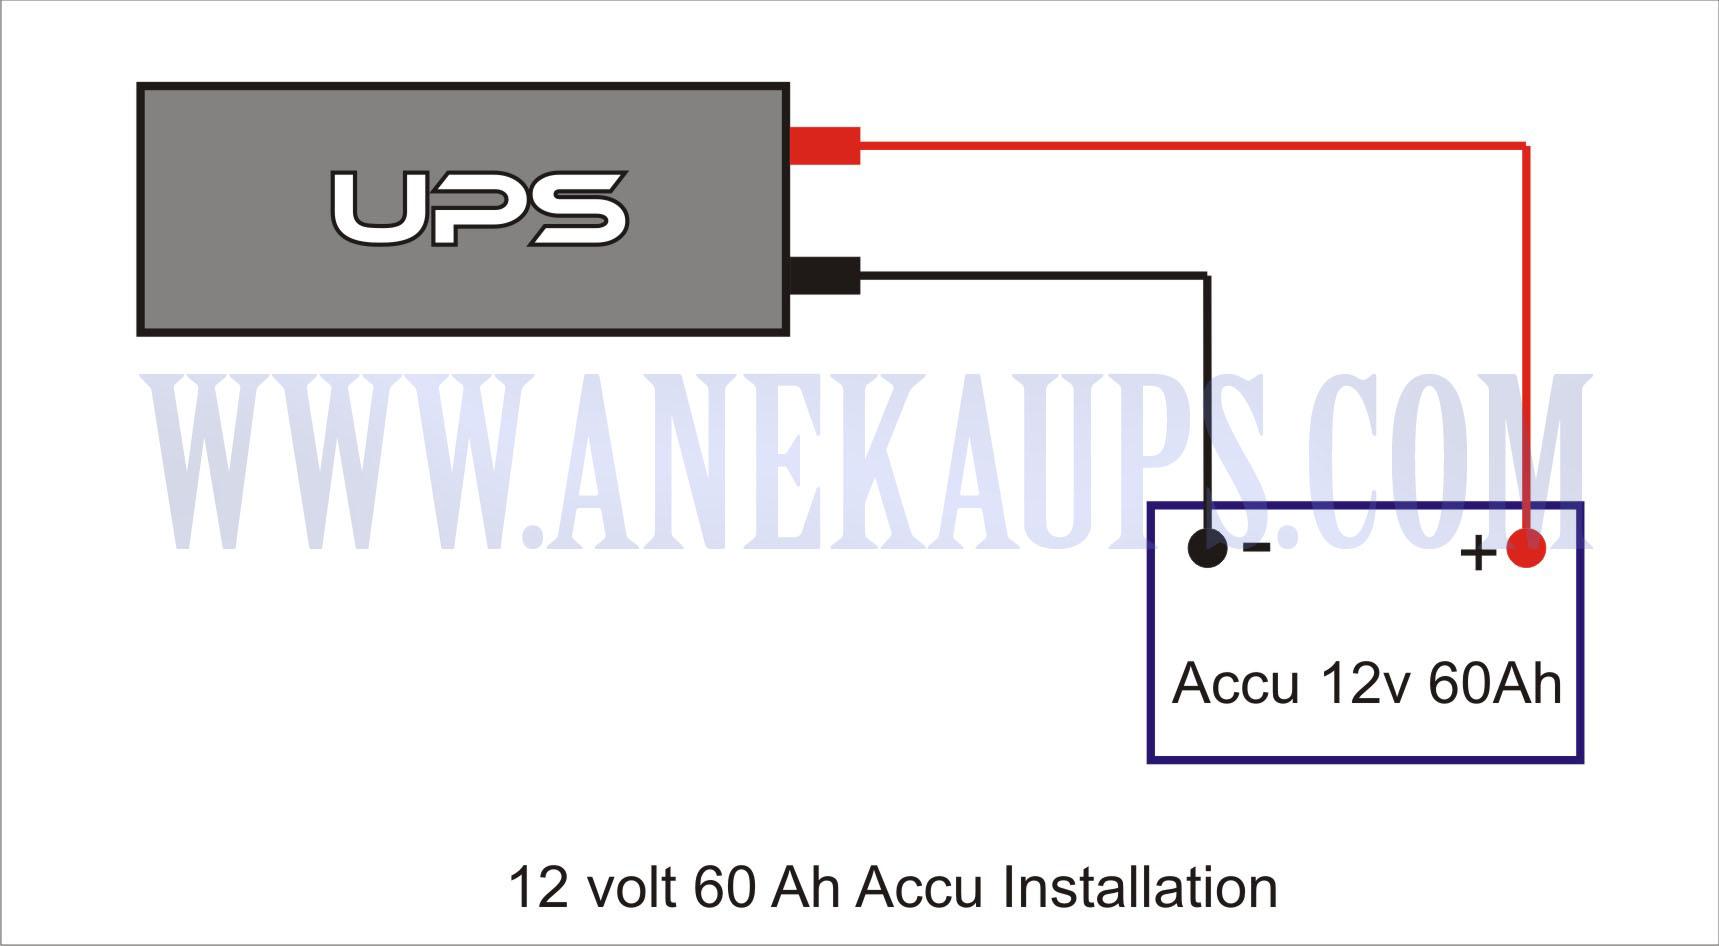 Panduan instalasi ups modifikasi 12 volt jual service modifikasi ups 12 volt 60ah accu installation ccuart Gallery